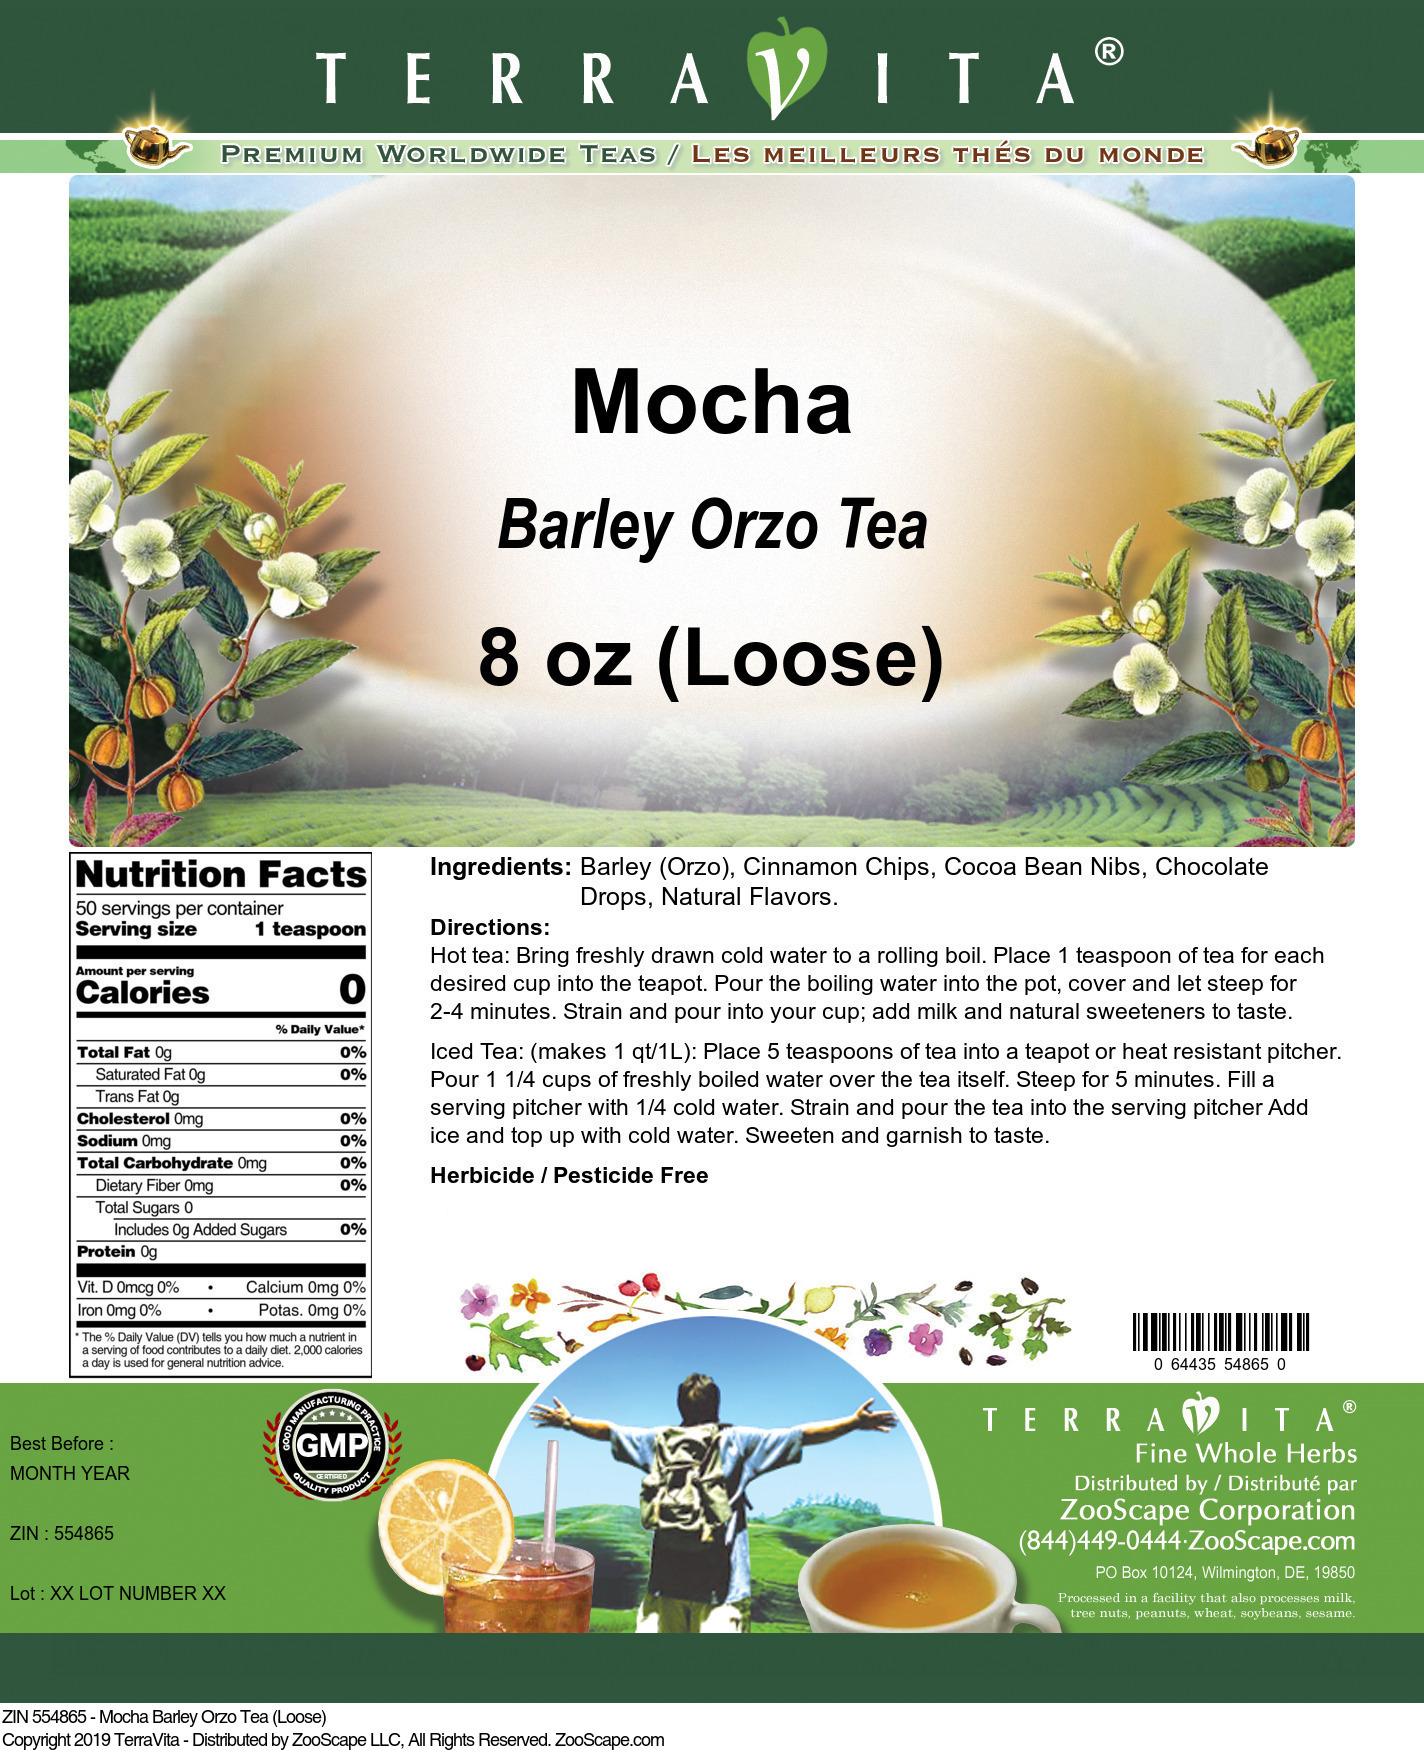 Mocha Barley Orzo Tea (Loose)